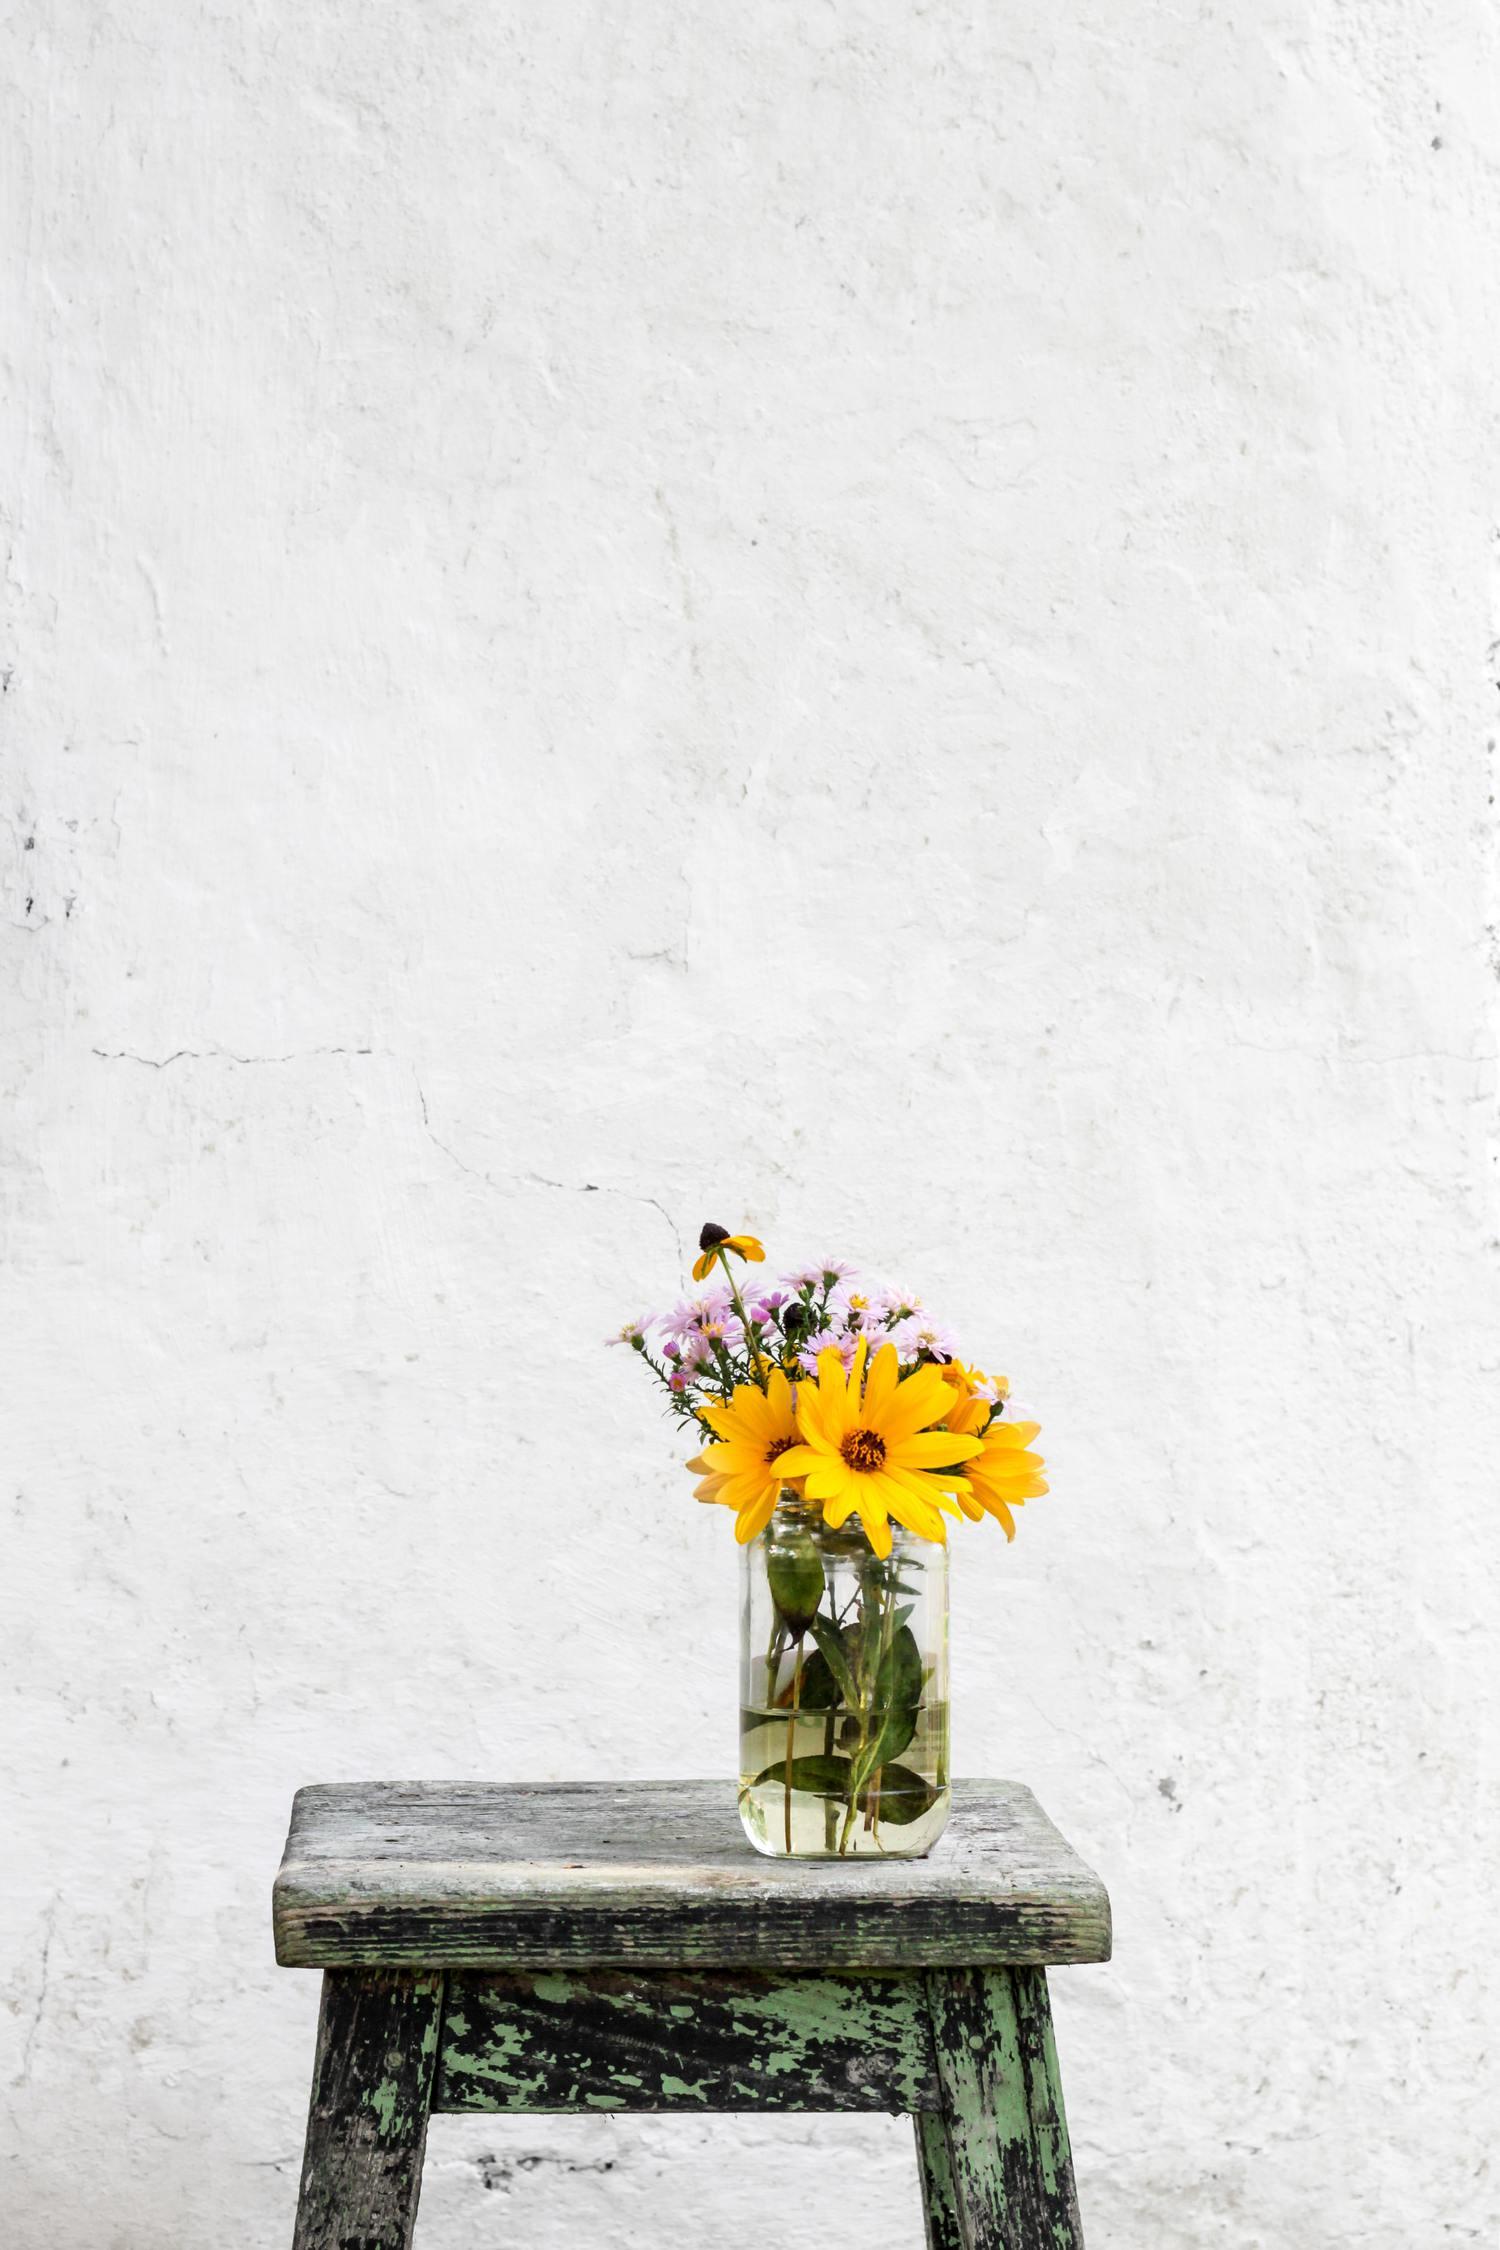 flores jarrón taburete